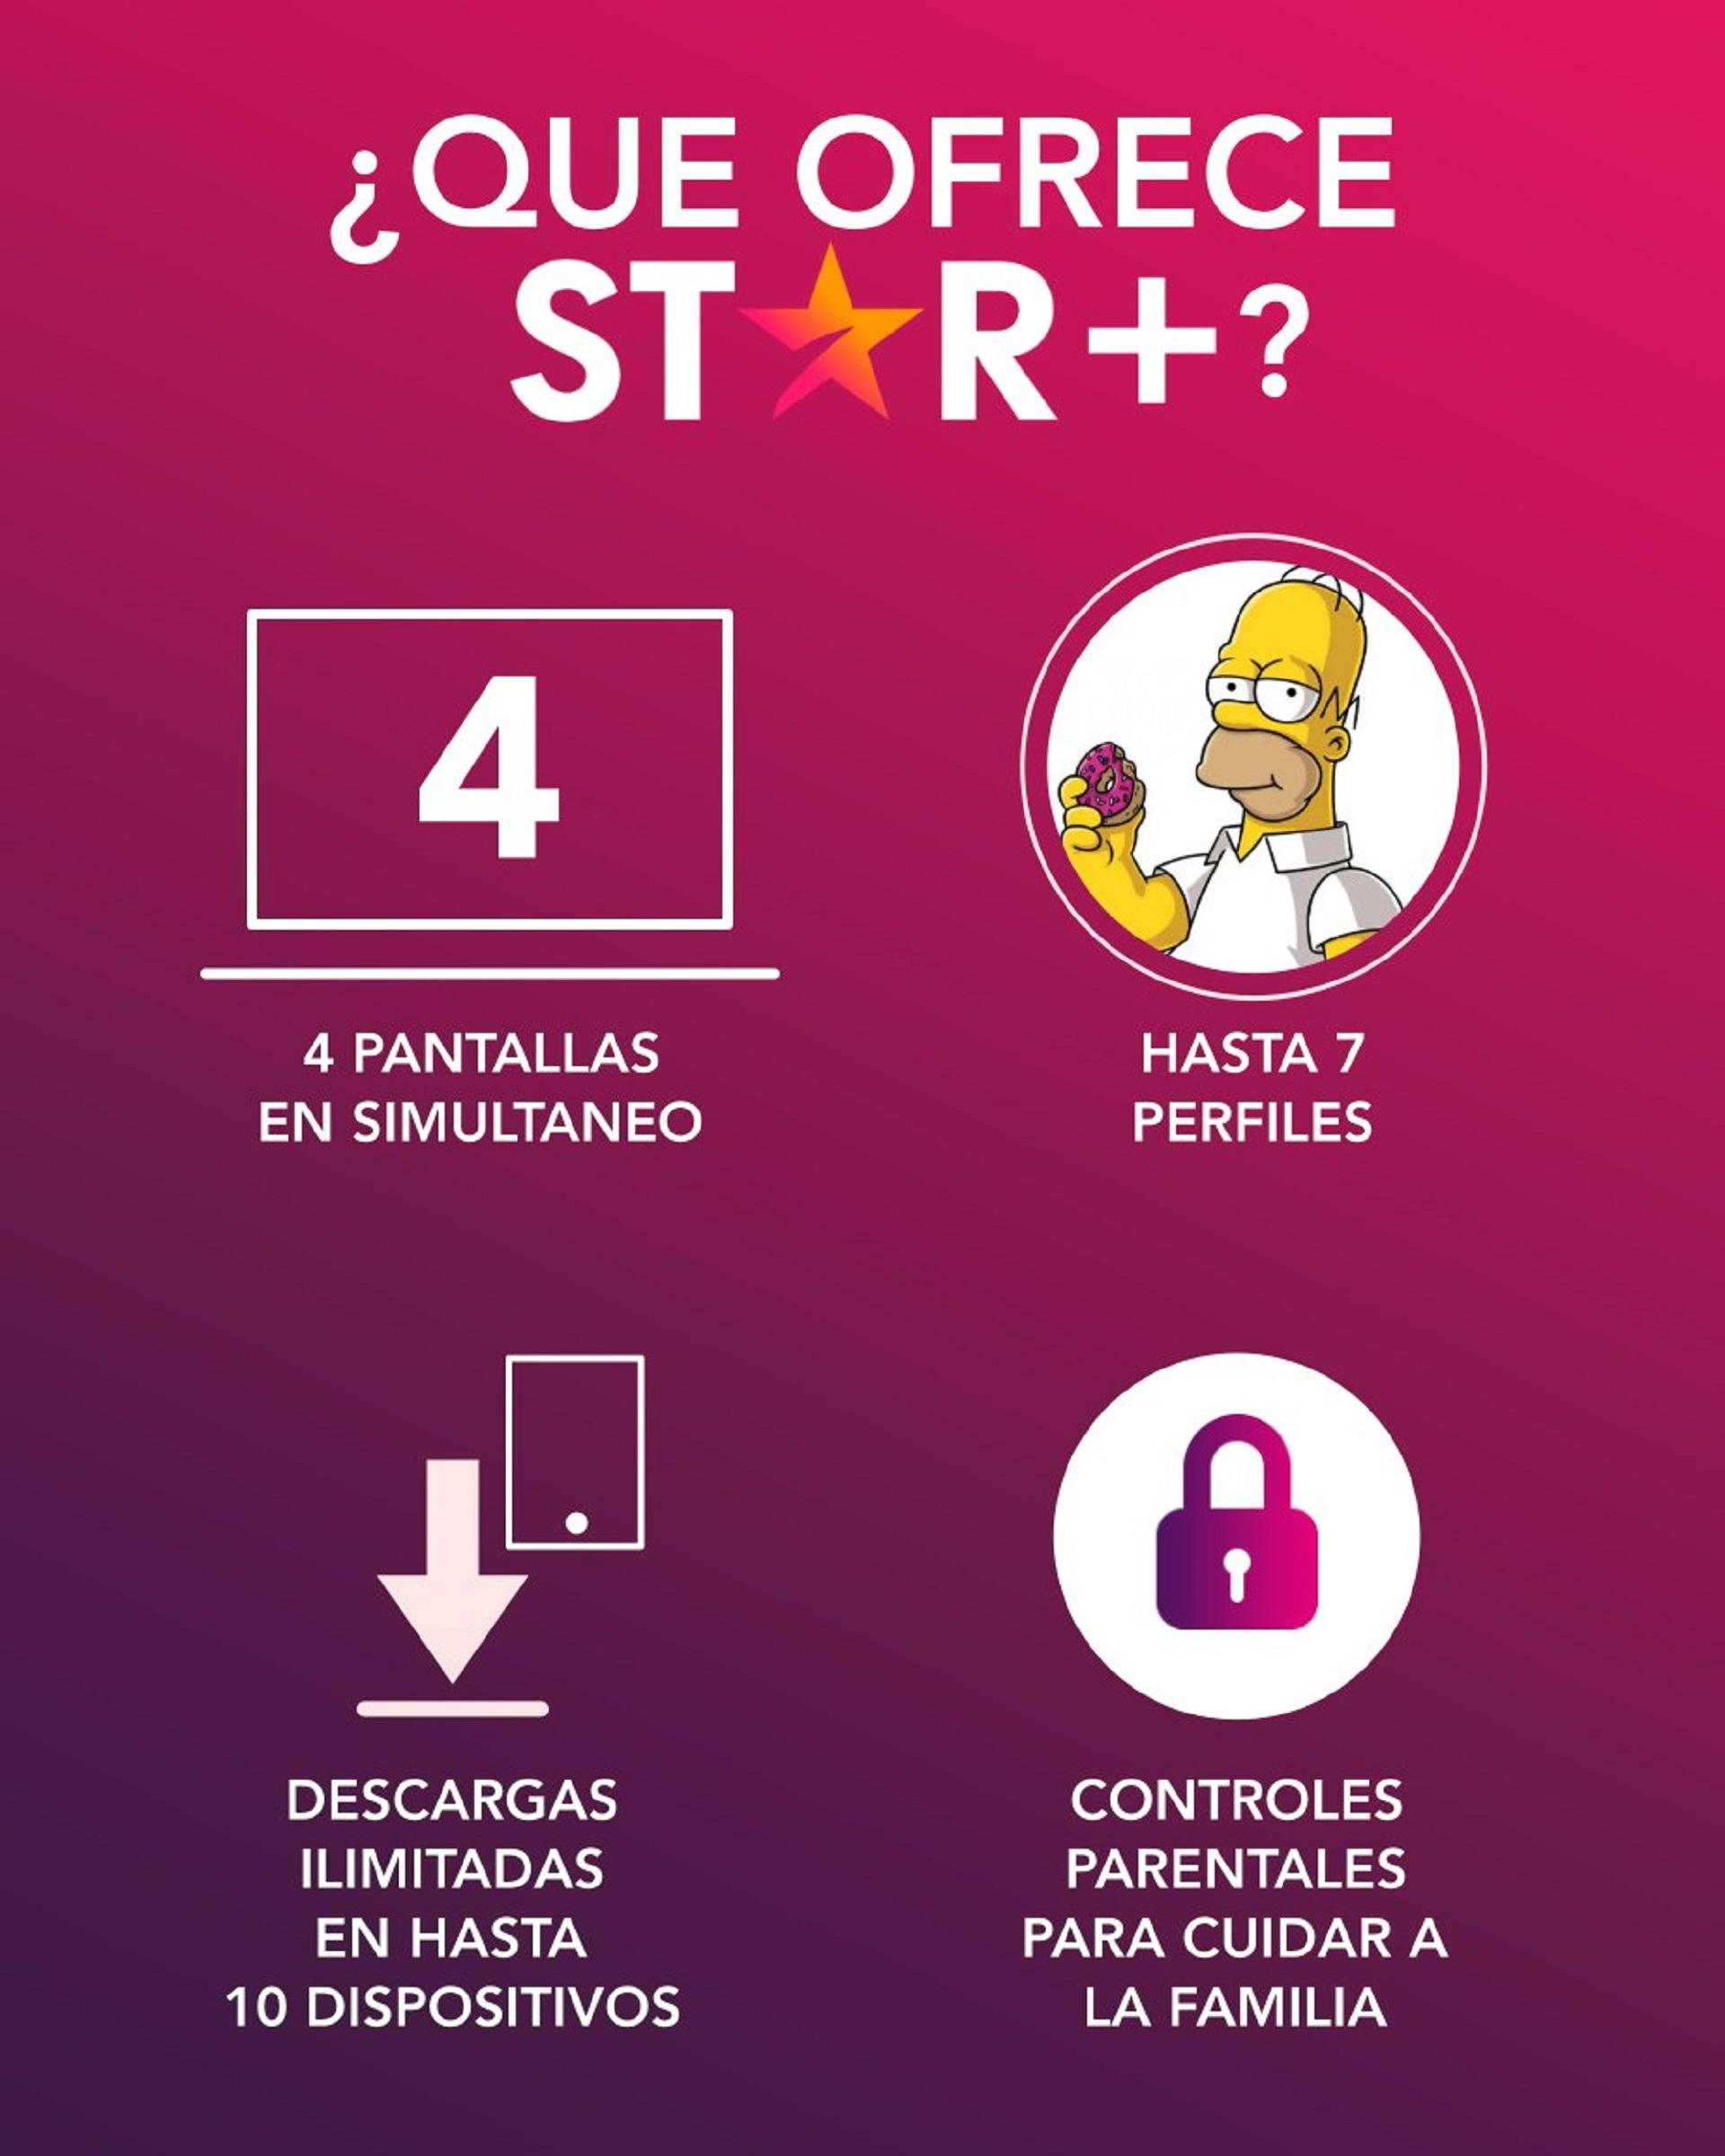 Star Plus Colombia: precios, series, películas y deportes